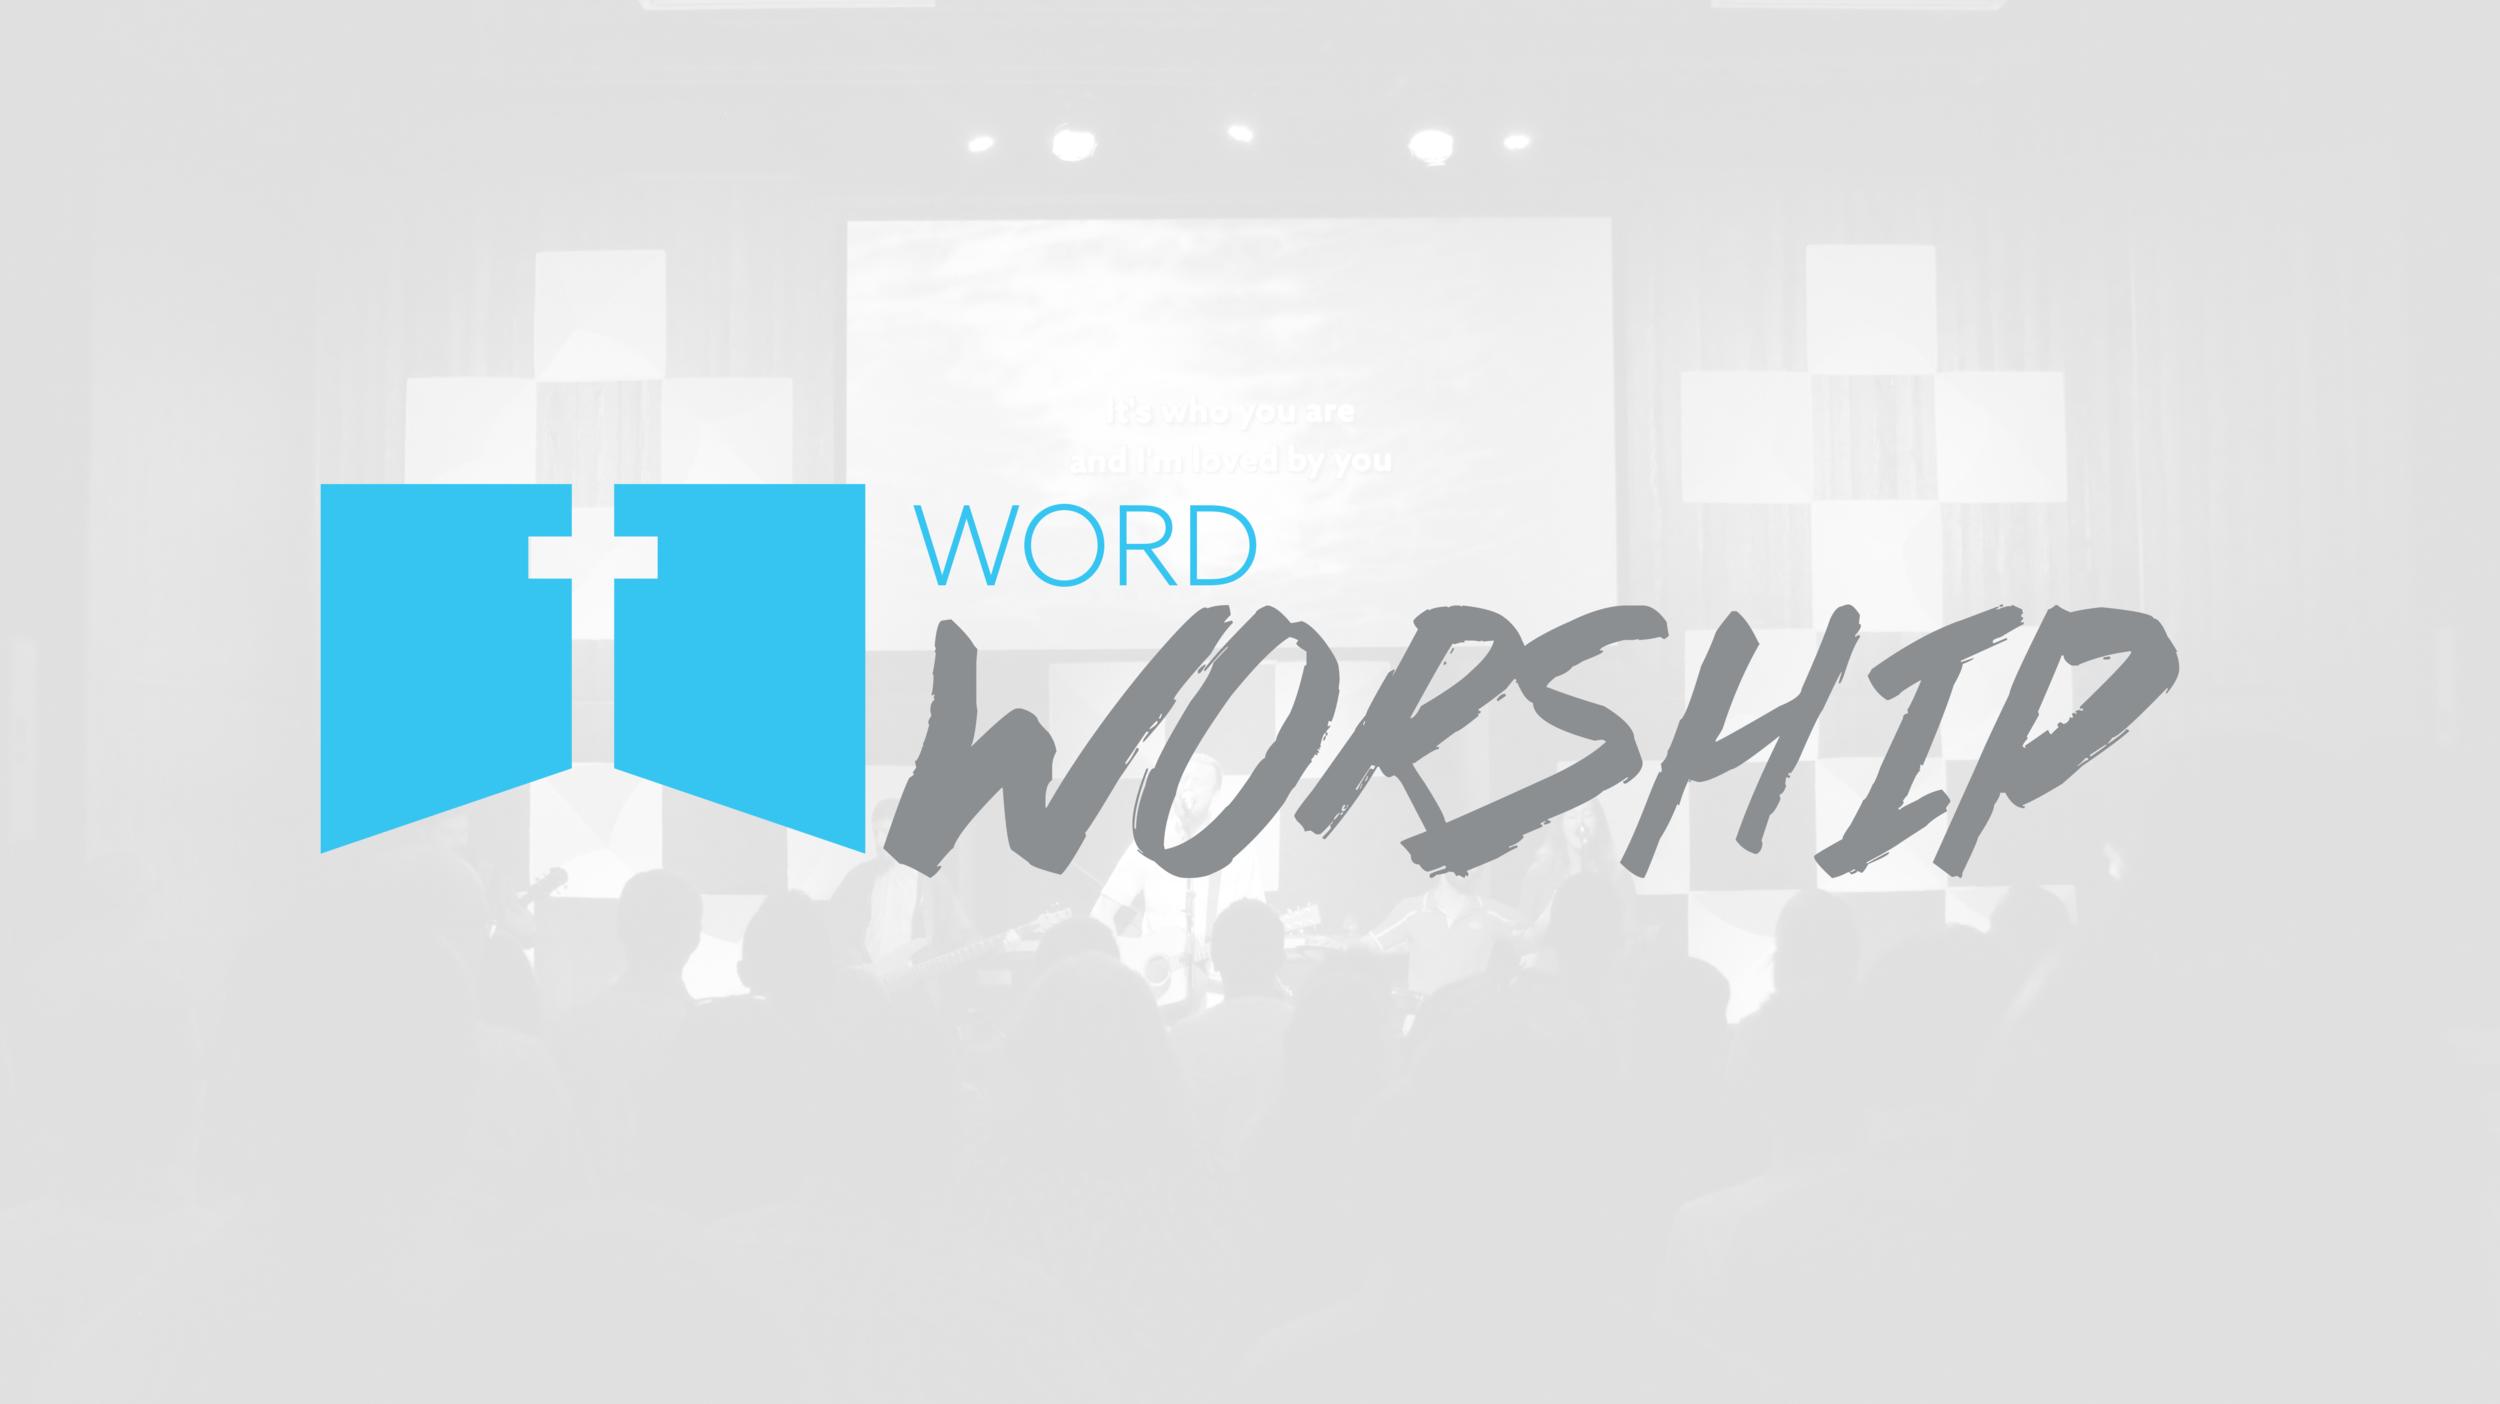 Word worship.png